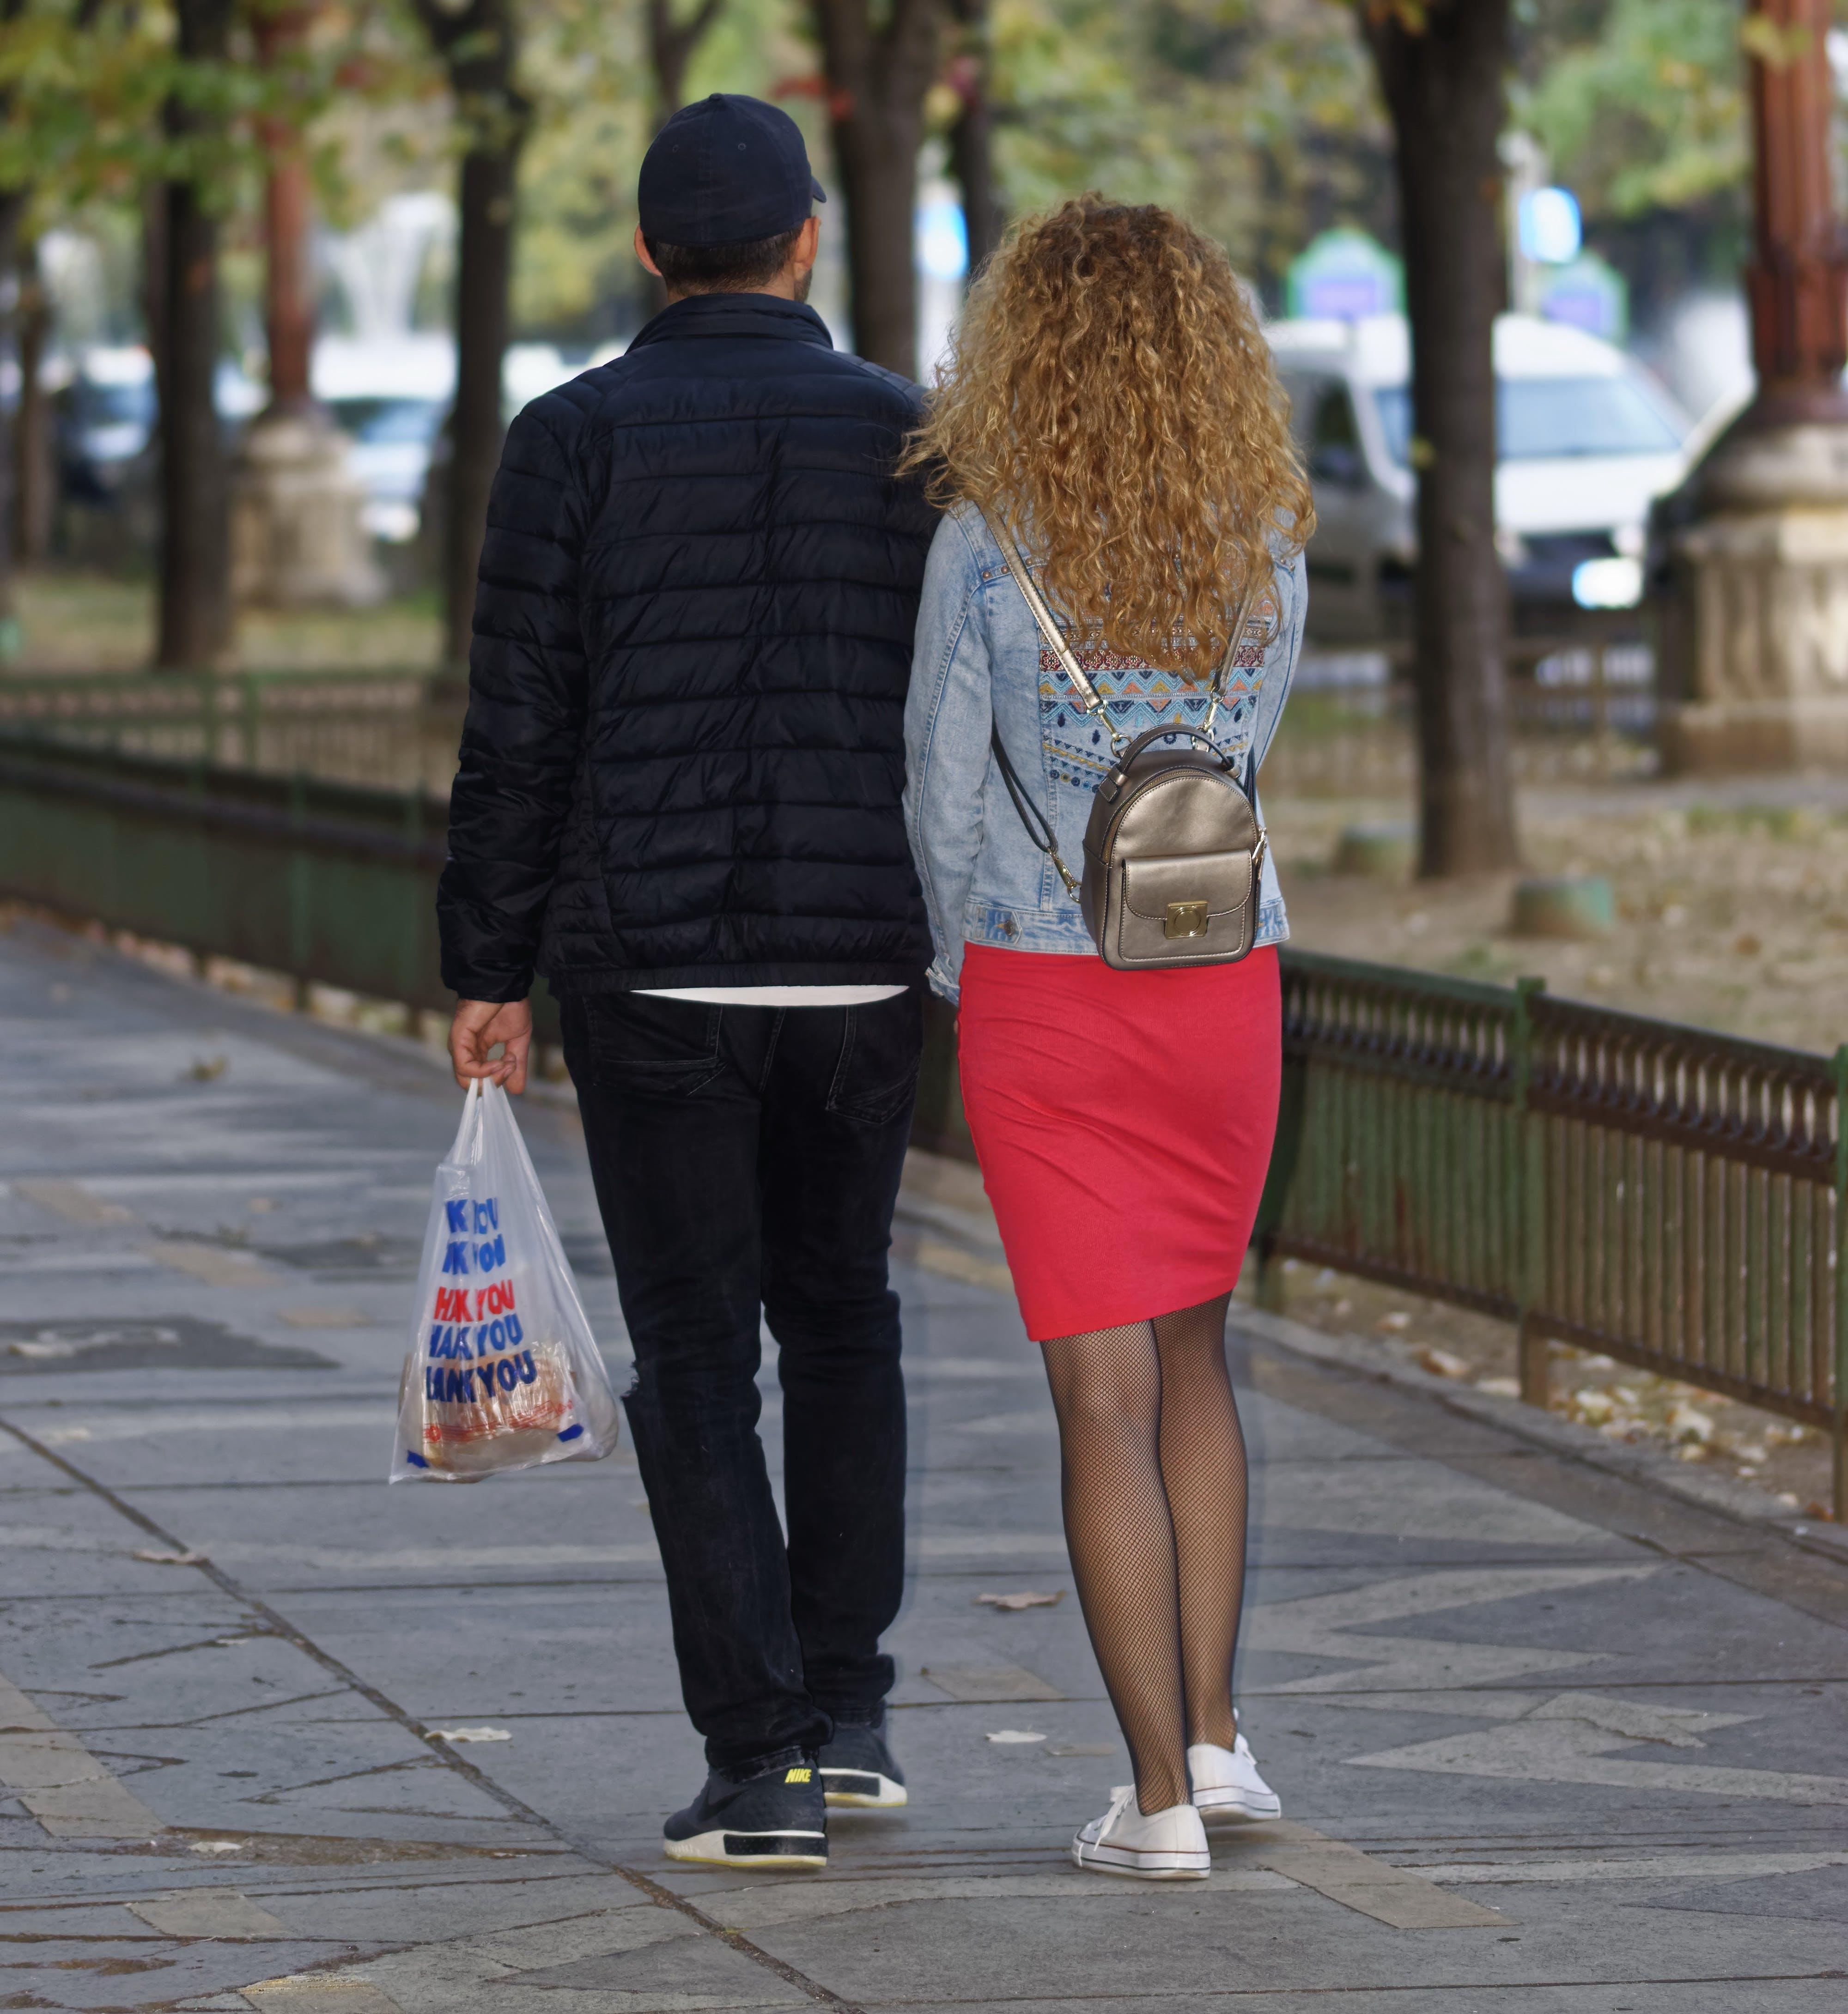 Free stock photo of couple walking, paved walkway, young couple